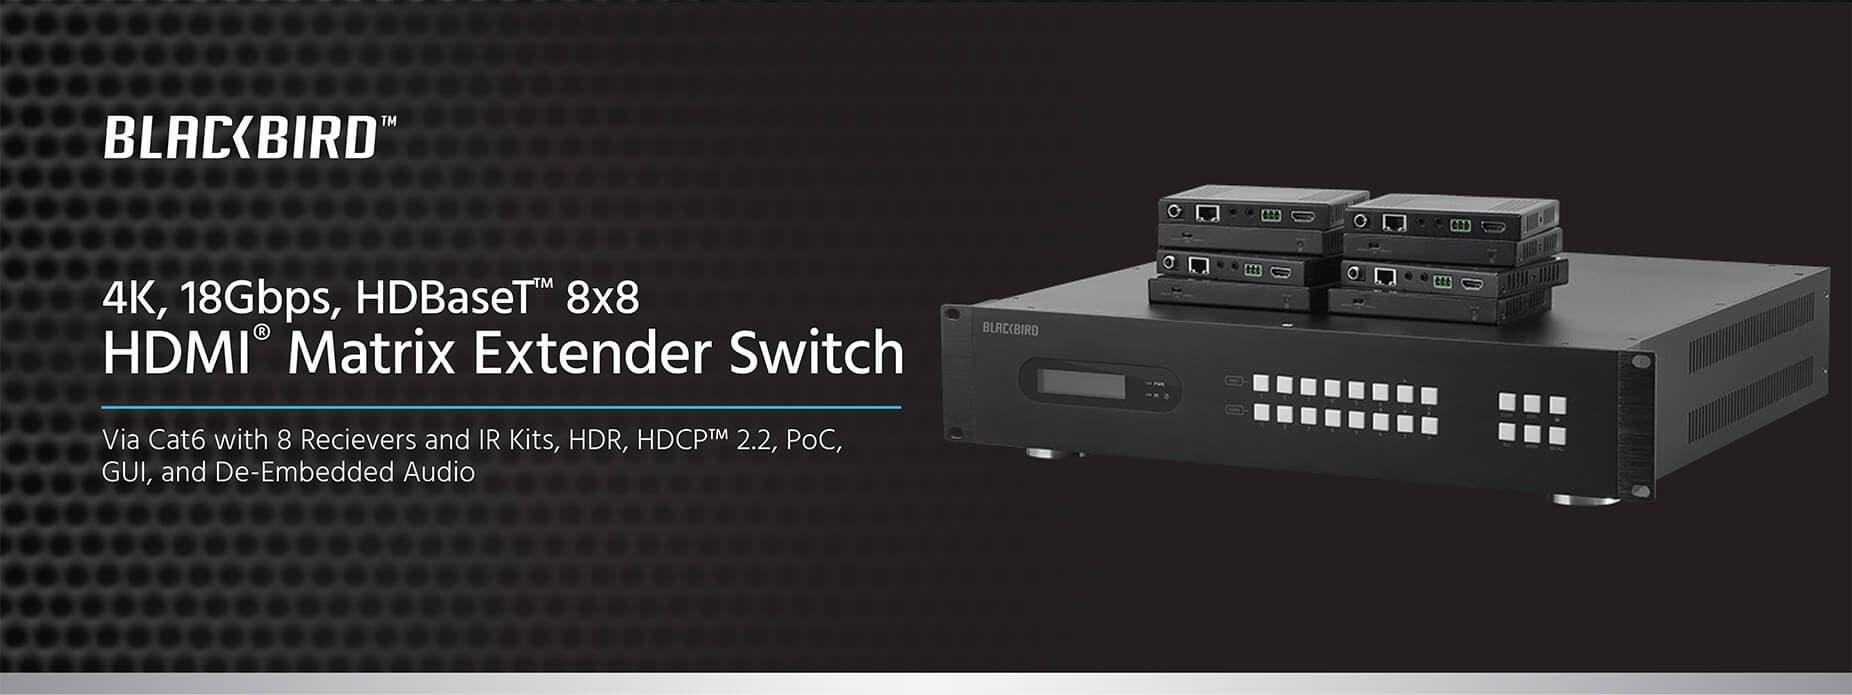 Monoprice Blackbird 4k 18gbps Hdbaset 8x8 Hdmi Matrix Extender Details About 4x4 Cat5e Cat6 Auto Switch Splitter